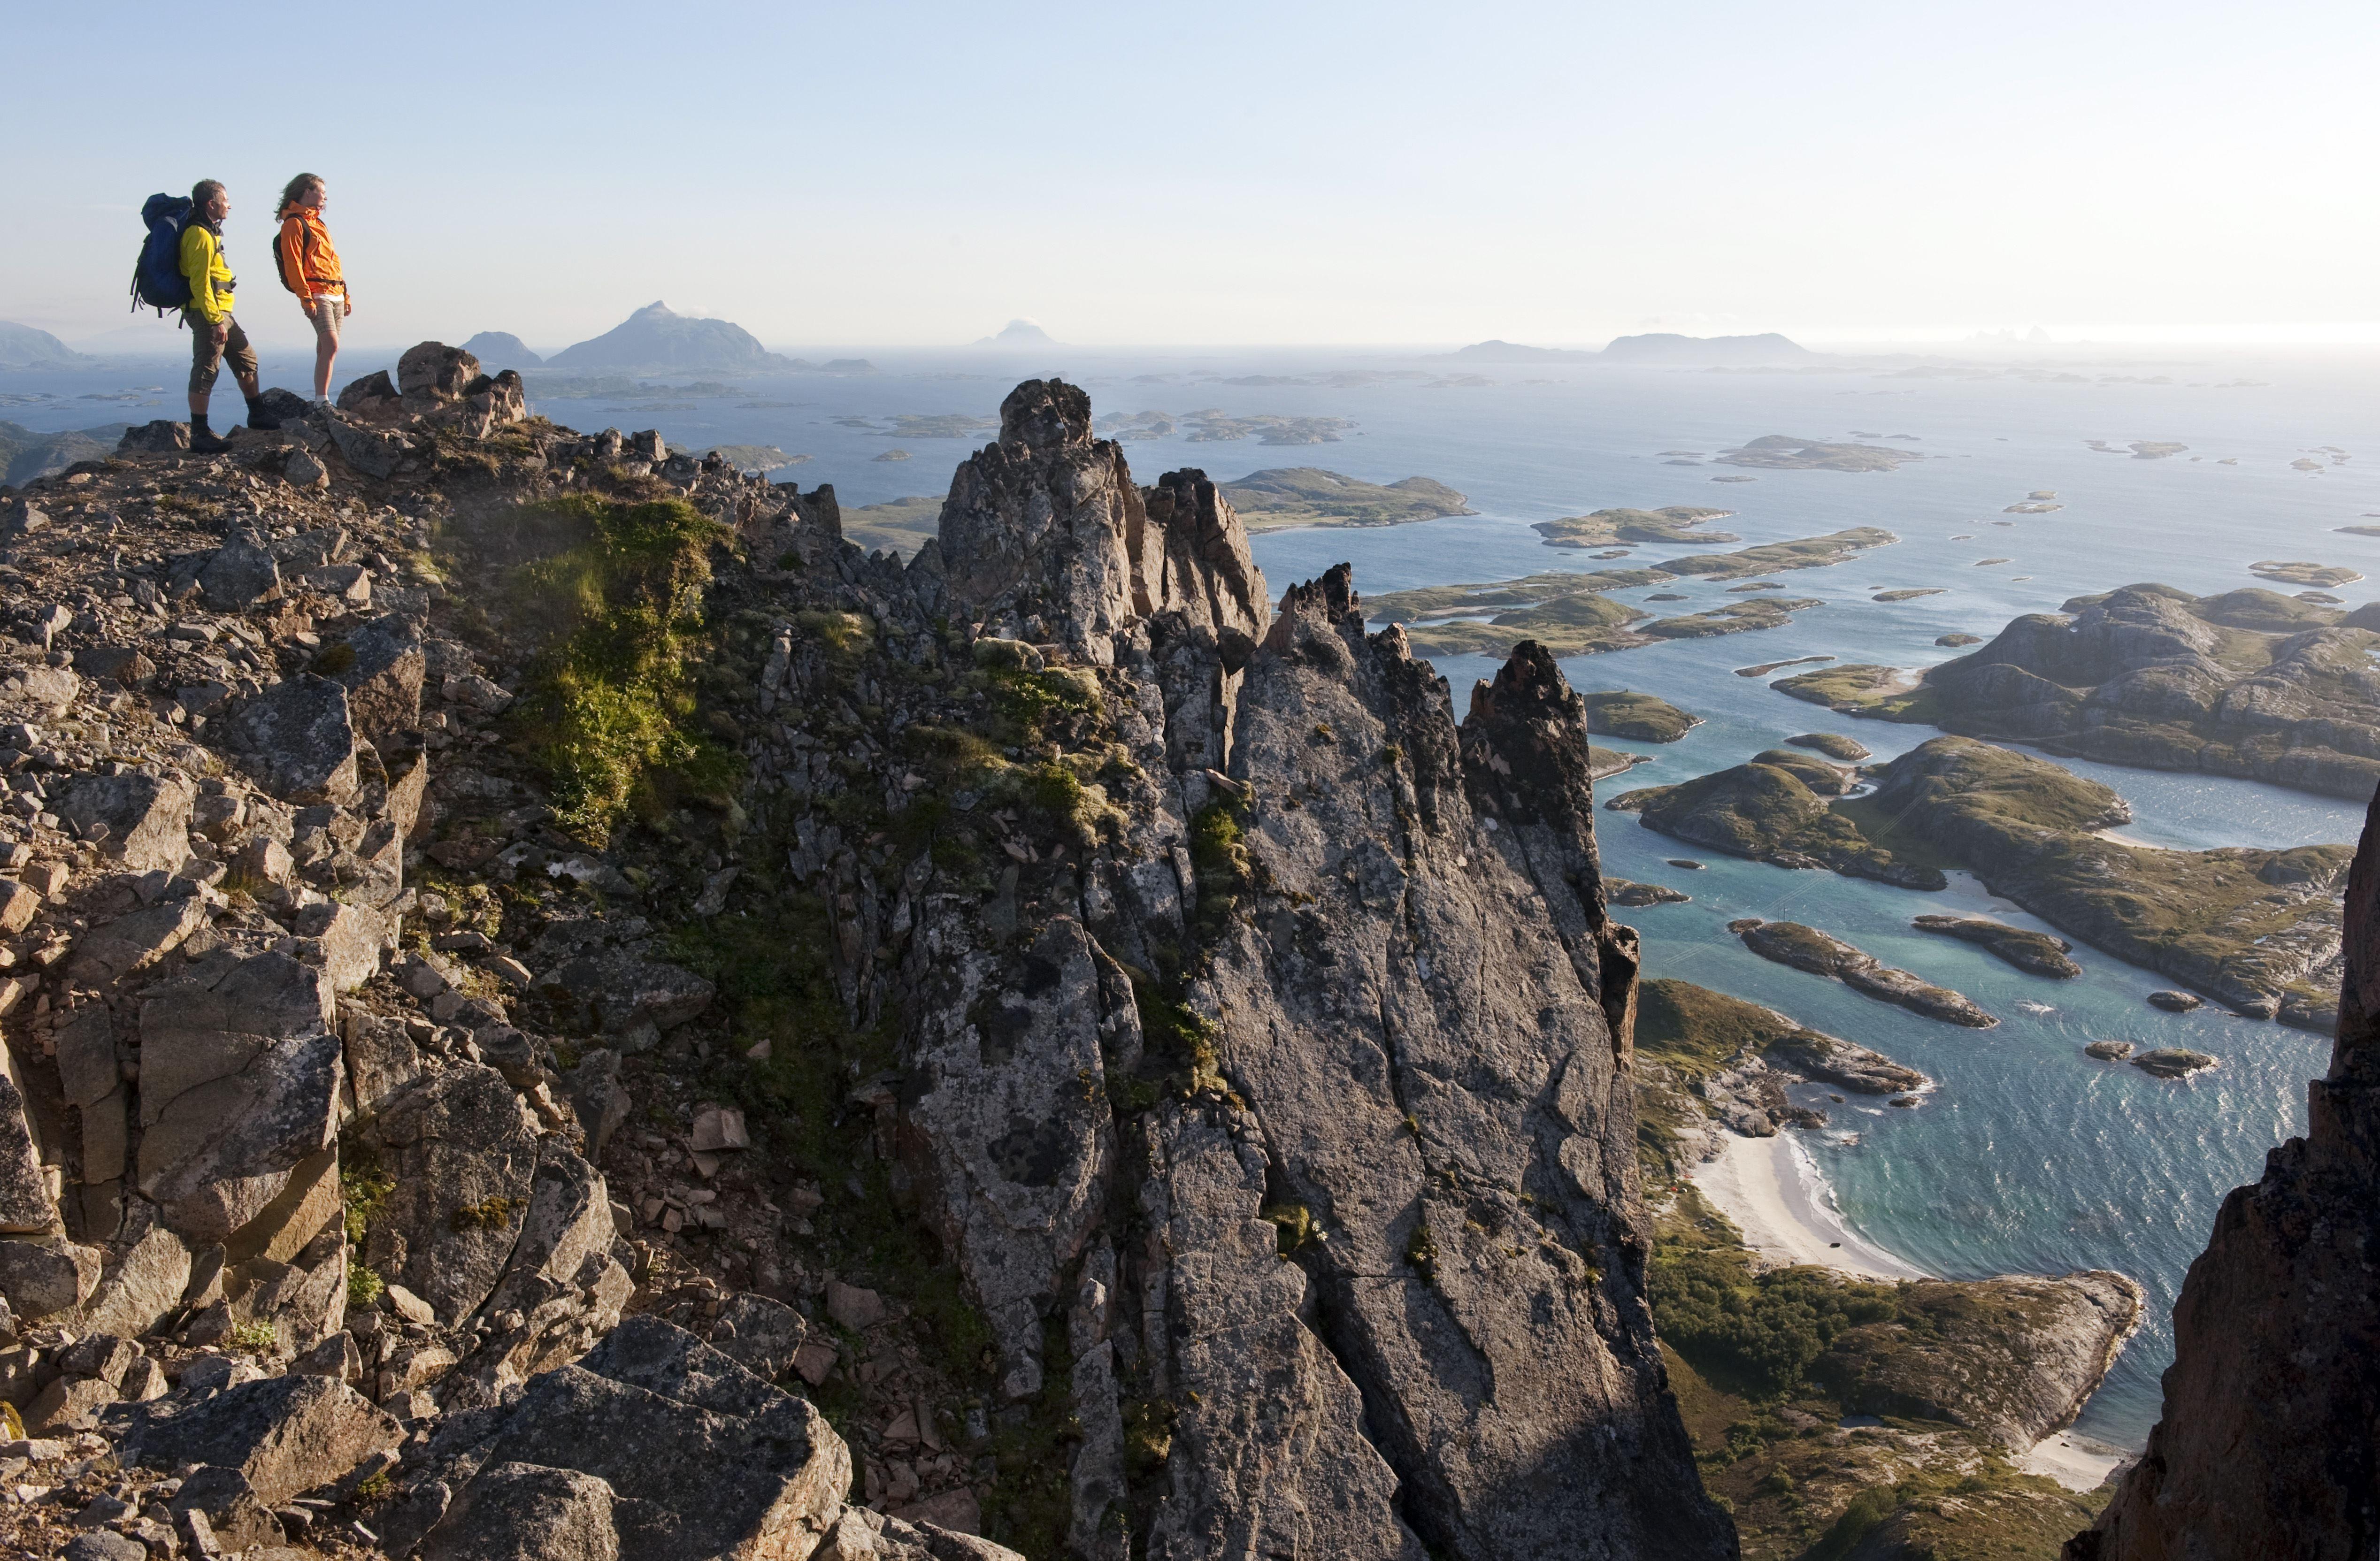 Terje Rakke/Visit Helgeland, Island Hopping in Northern Norway